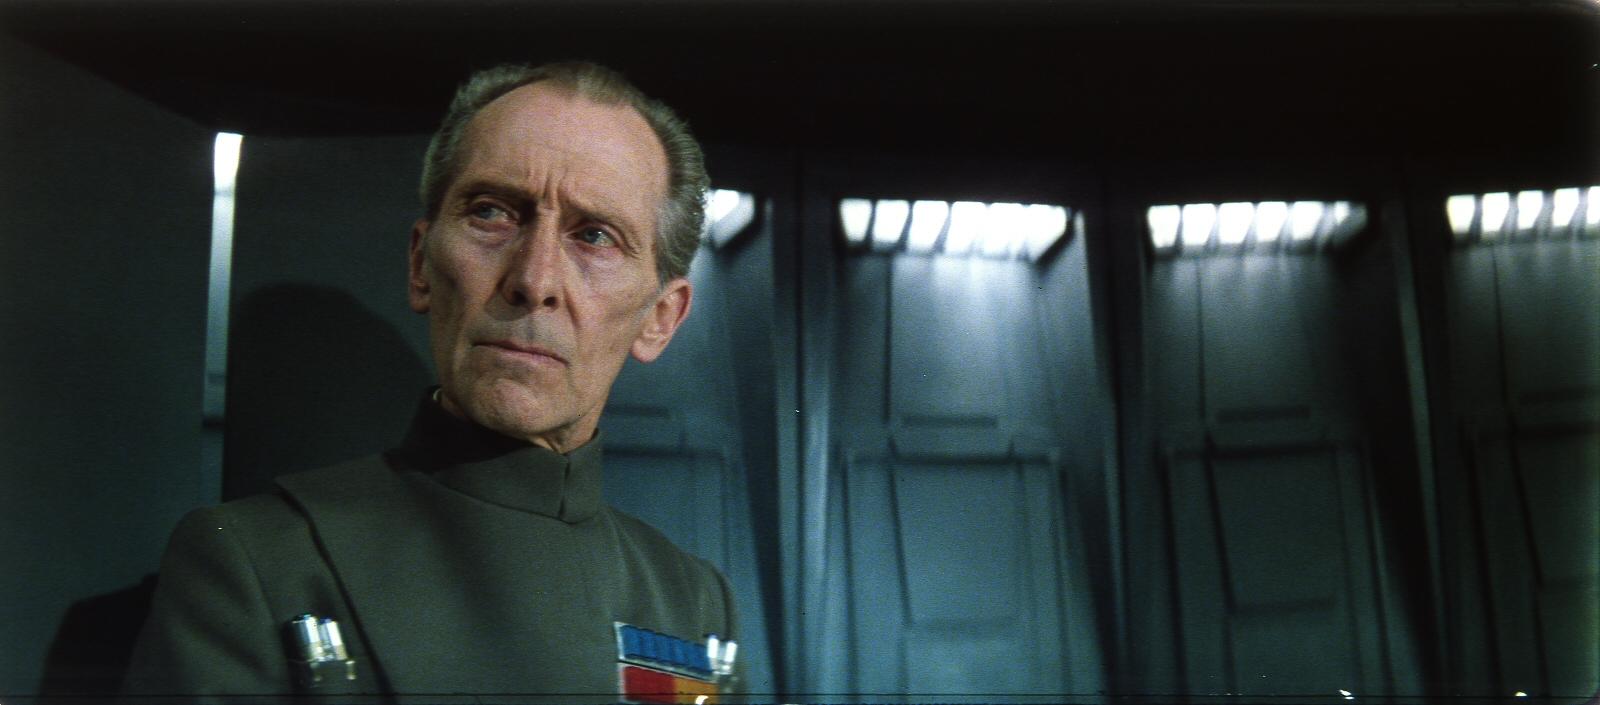 Peter-Cushing-Star-Wars-Grand-Moff-Tarkin